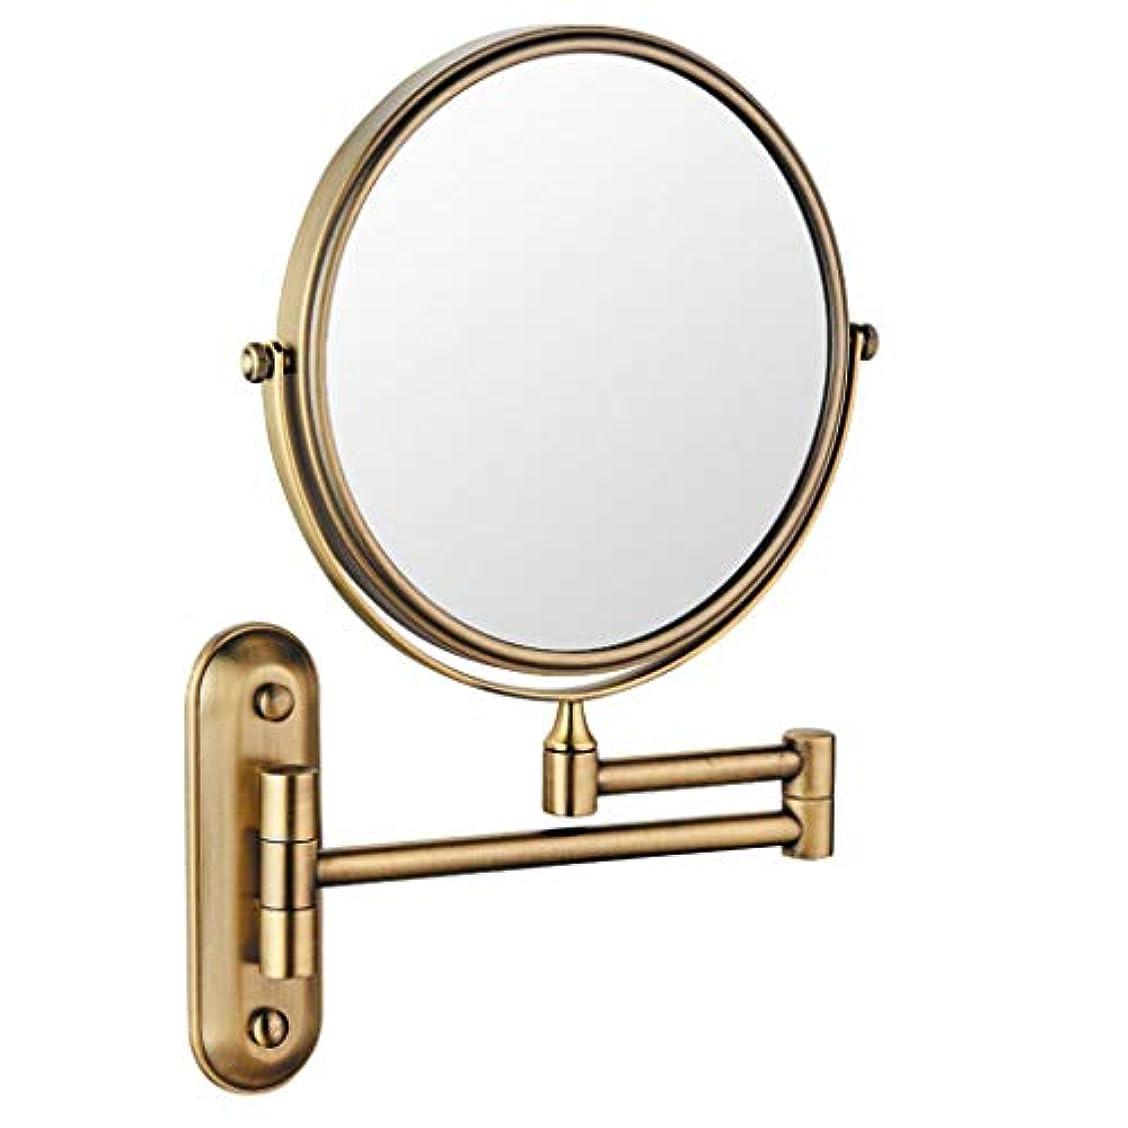 受益者むしろピニオンHUYYA シェービングミラー 壁付、バスルームメイクアップミラー 6インチ360度回転 化粧鏡 両面 バニティミラー 丸め 寝室や浴室に適しています,Antique_5x